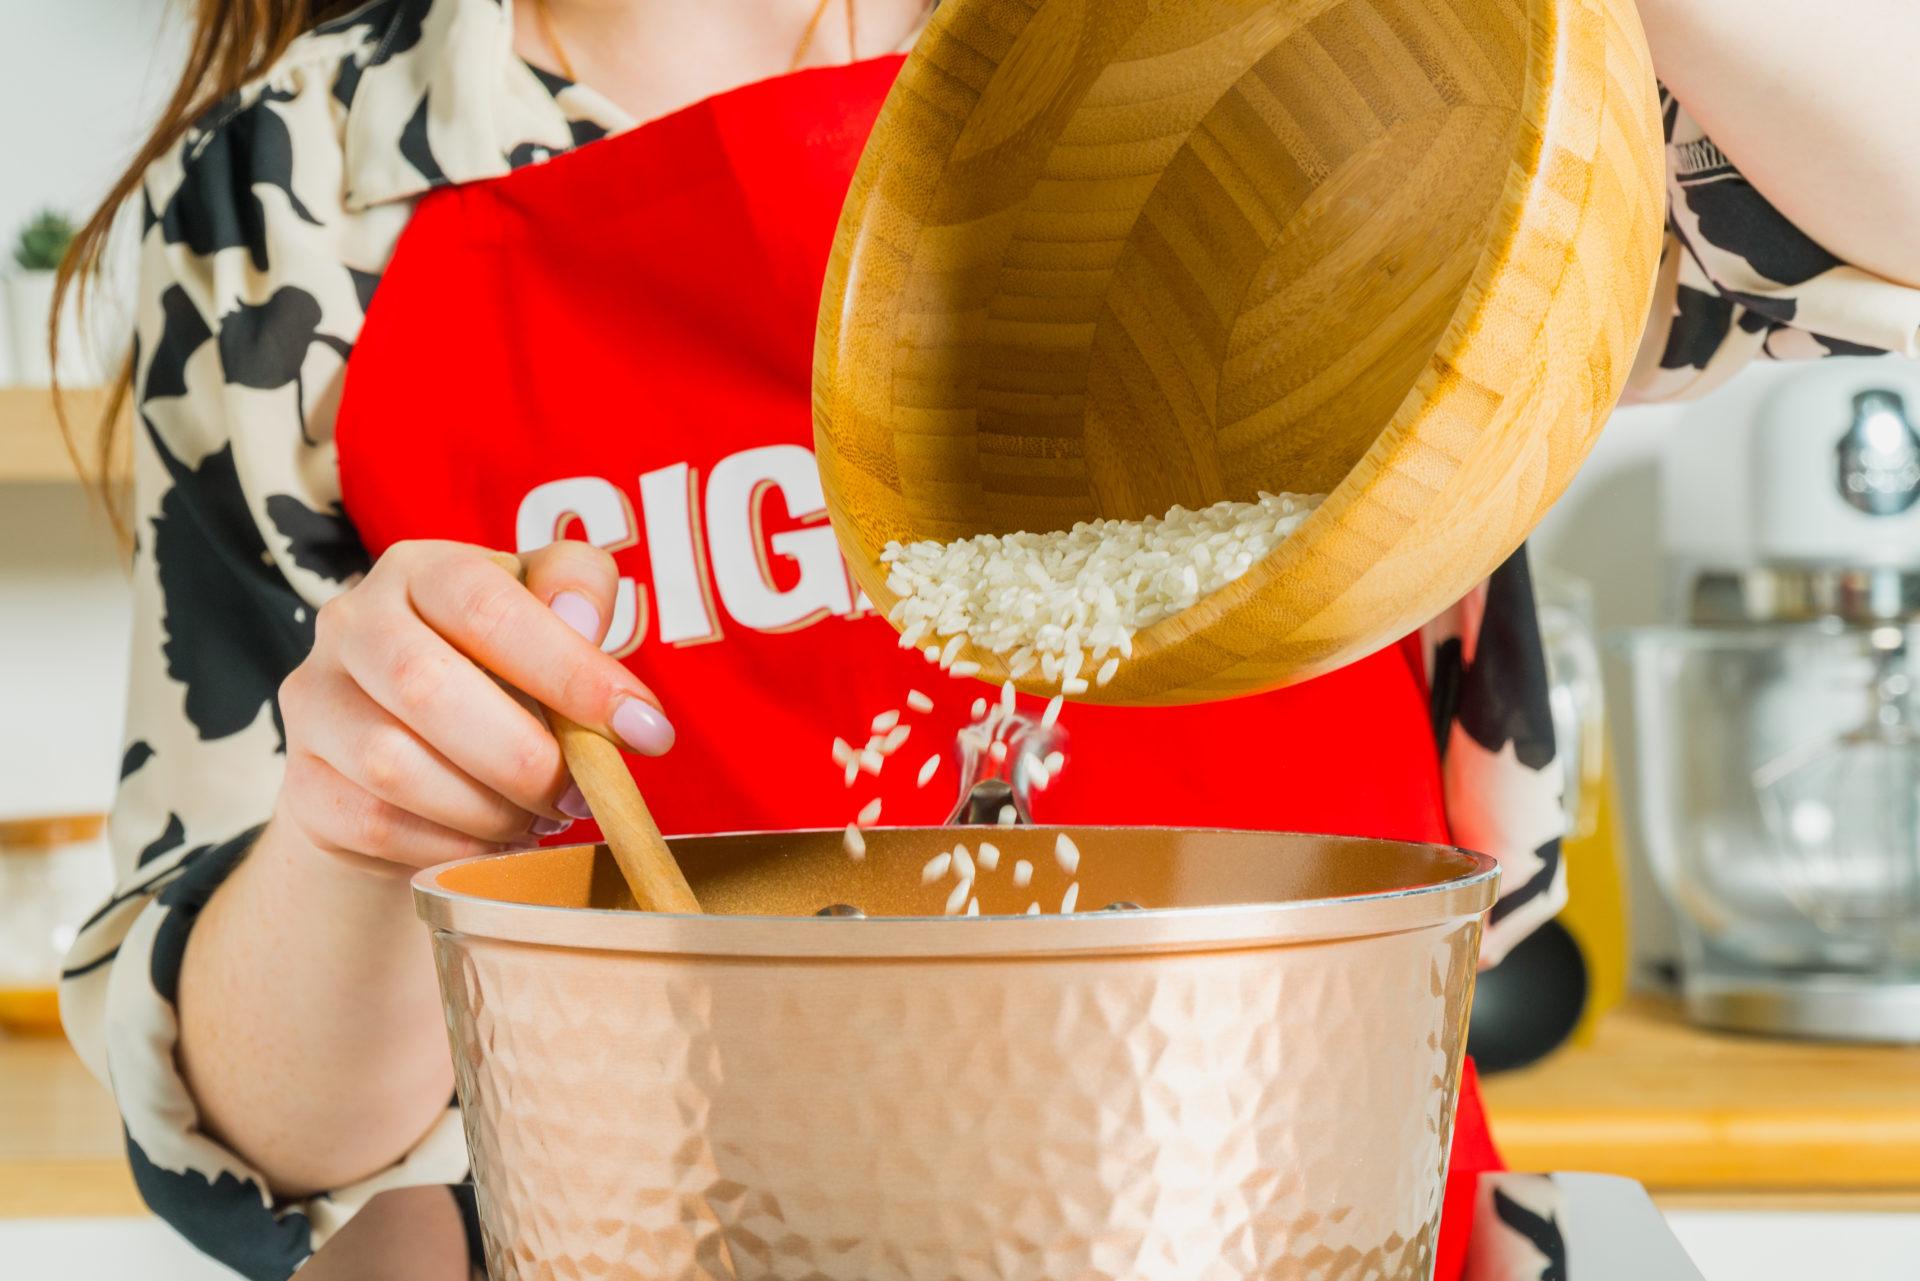 Pessoa a colocar arroz para dentro de uma panela